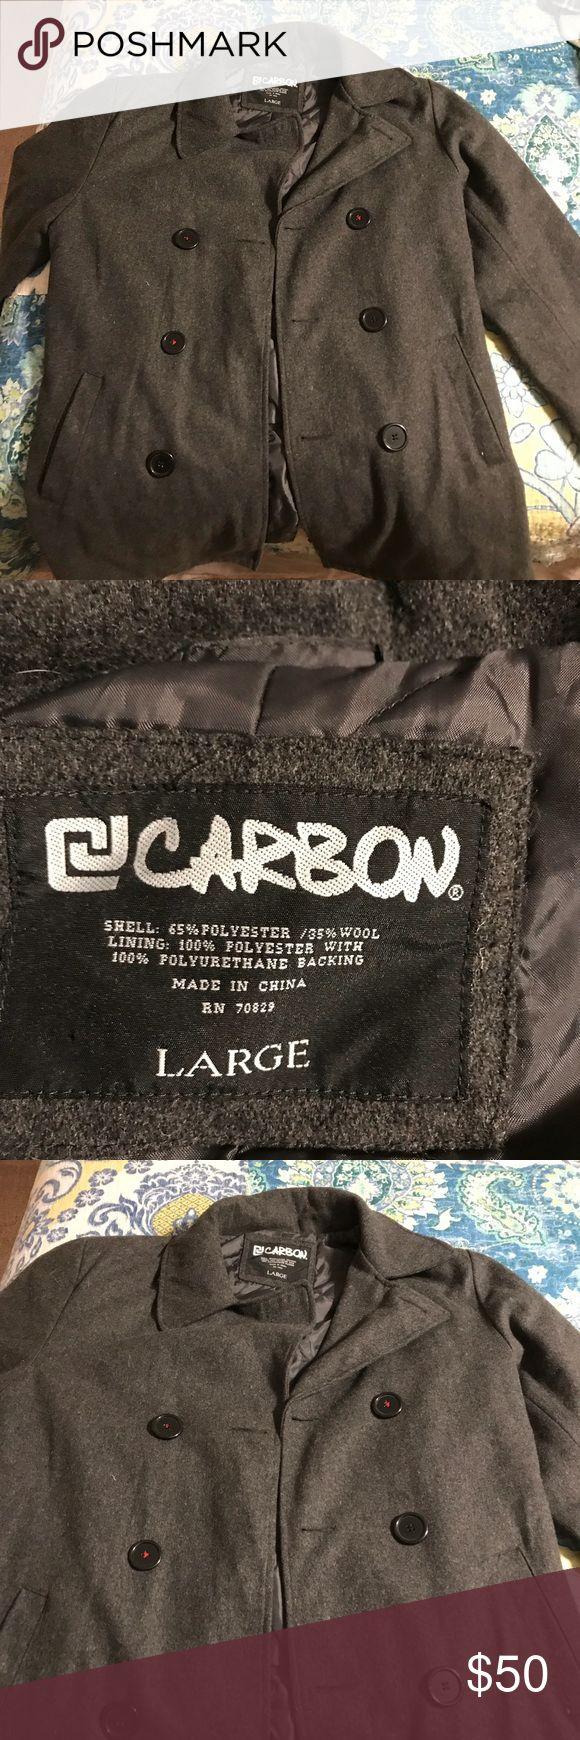 Men's pea coat Men's grey pea coat 65%polyester /35 % wool . Size large . carbon Jackets & Coats Pea Coats